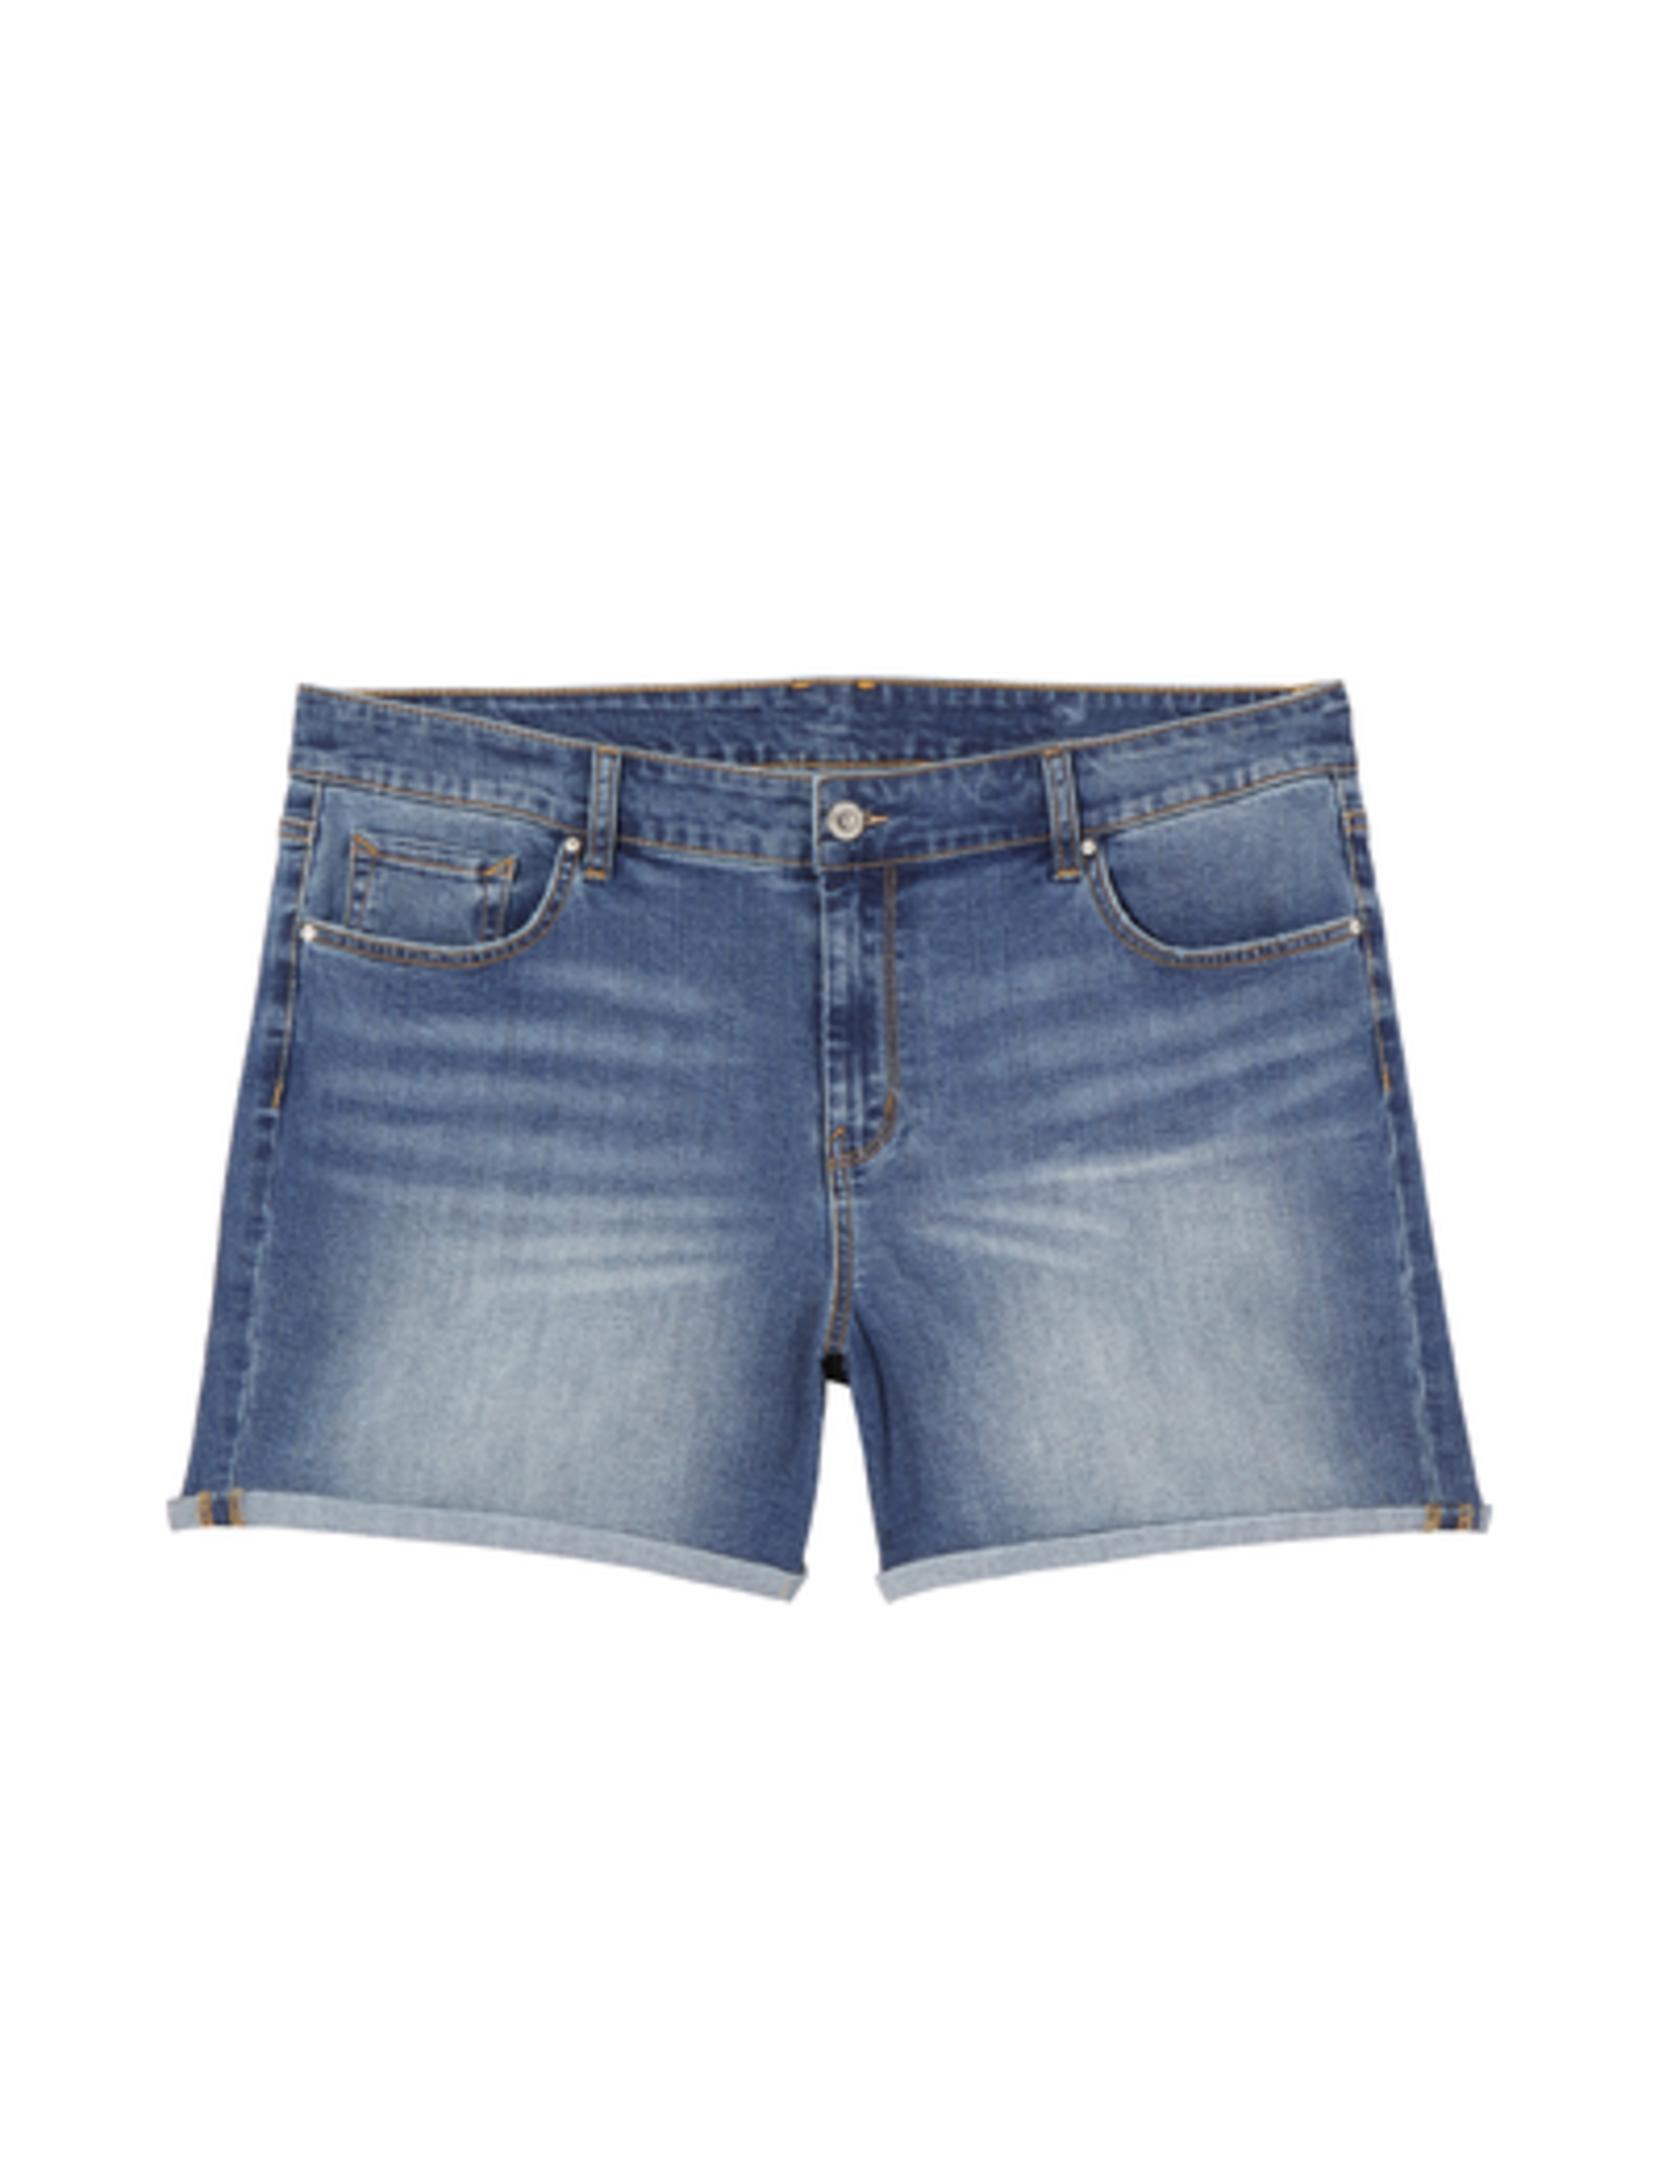 plus size shorts rolled up denim shorts